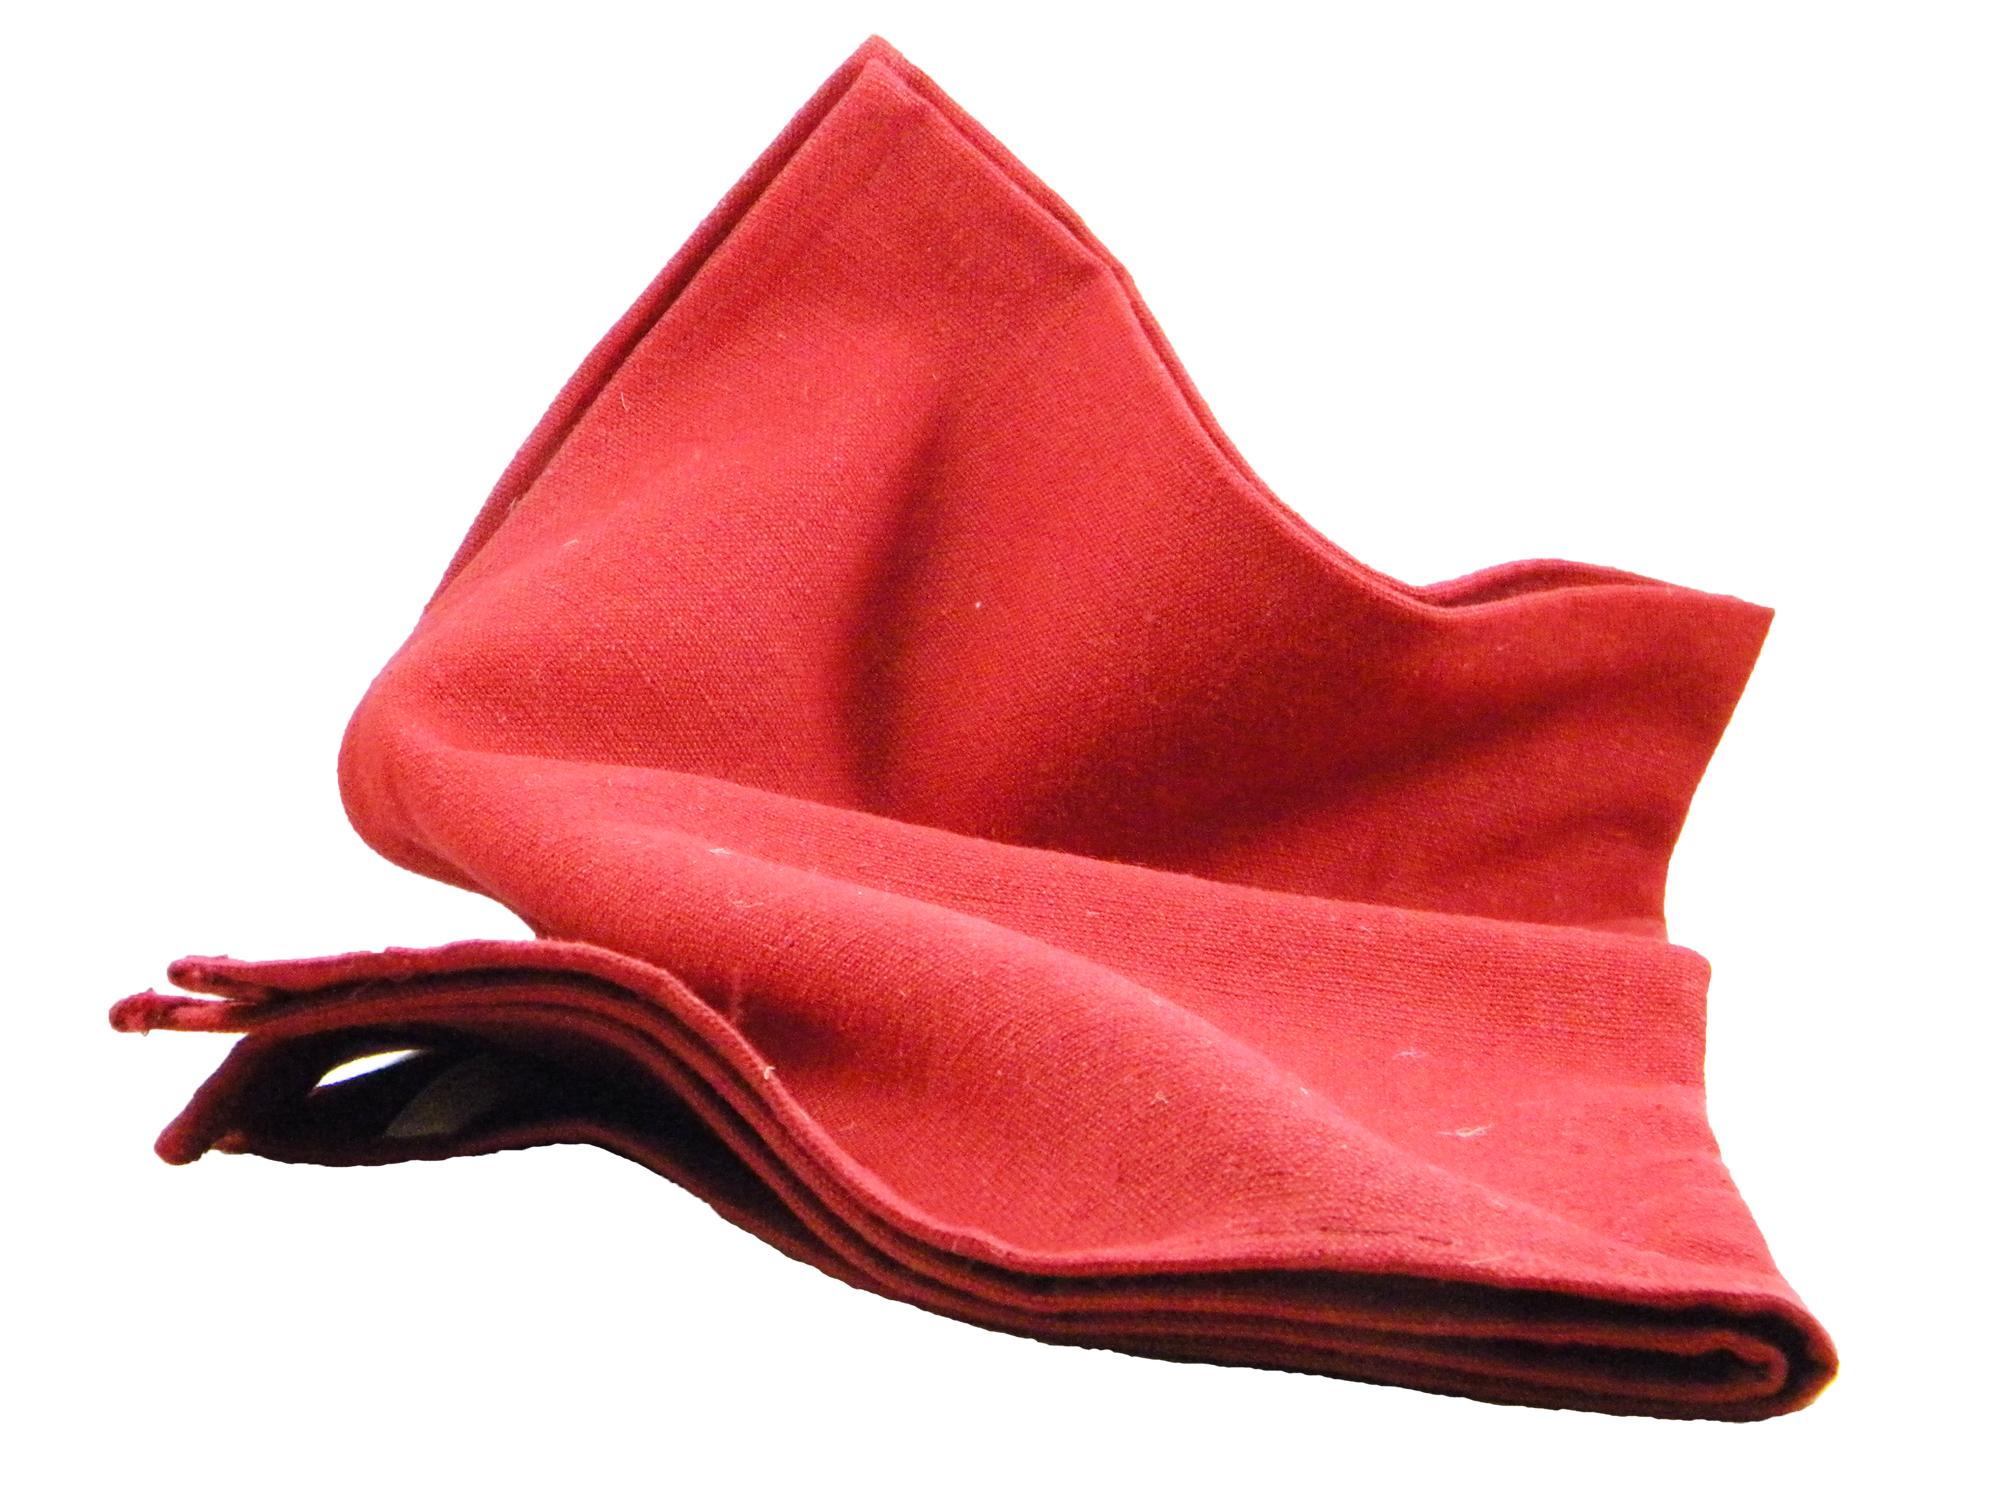 Tessuti per la casa canovaccio da cucina rosso - Canovaccio da cucina ...